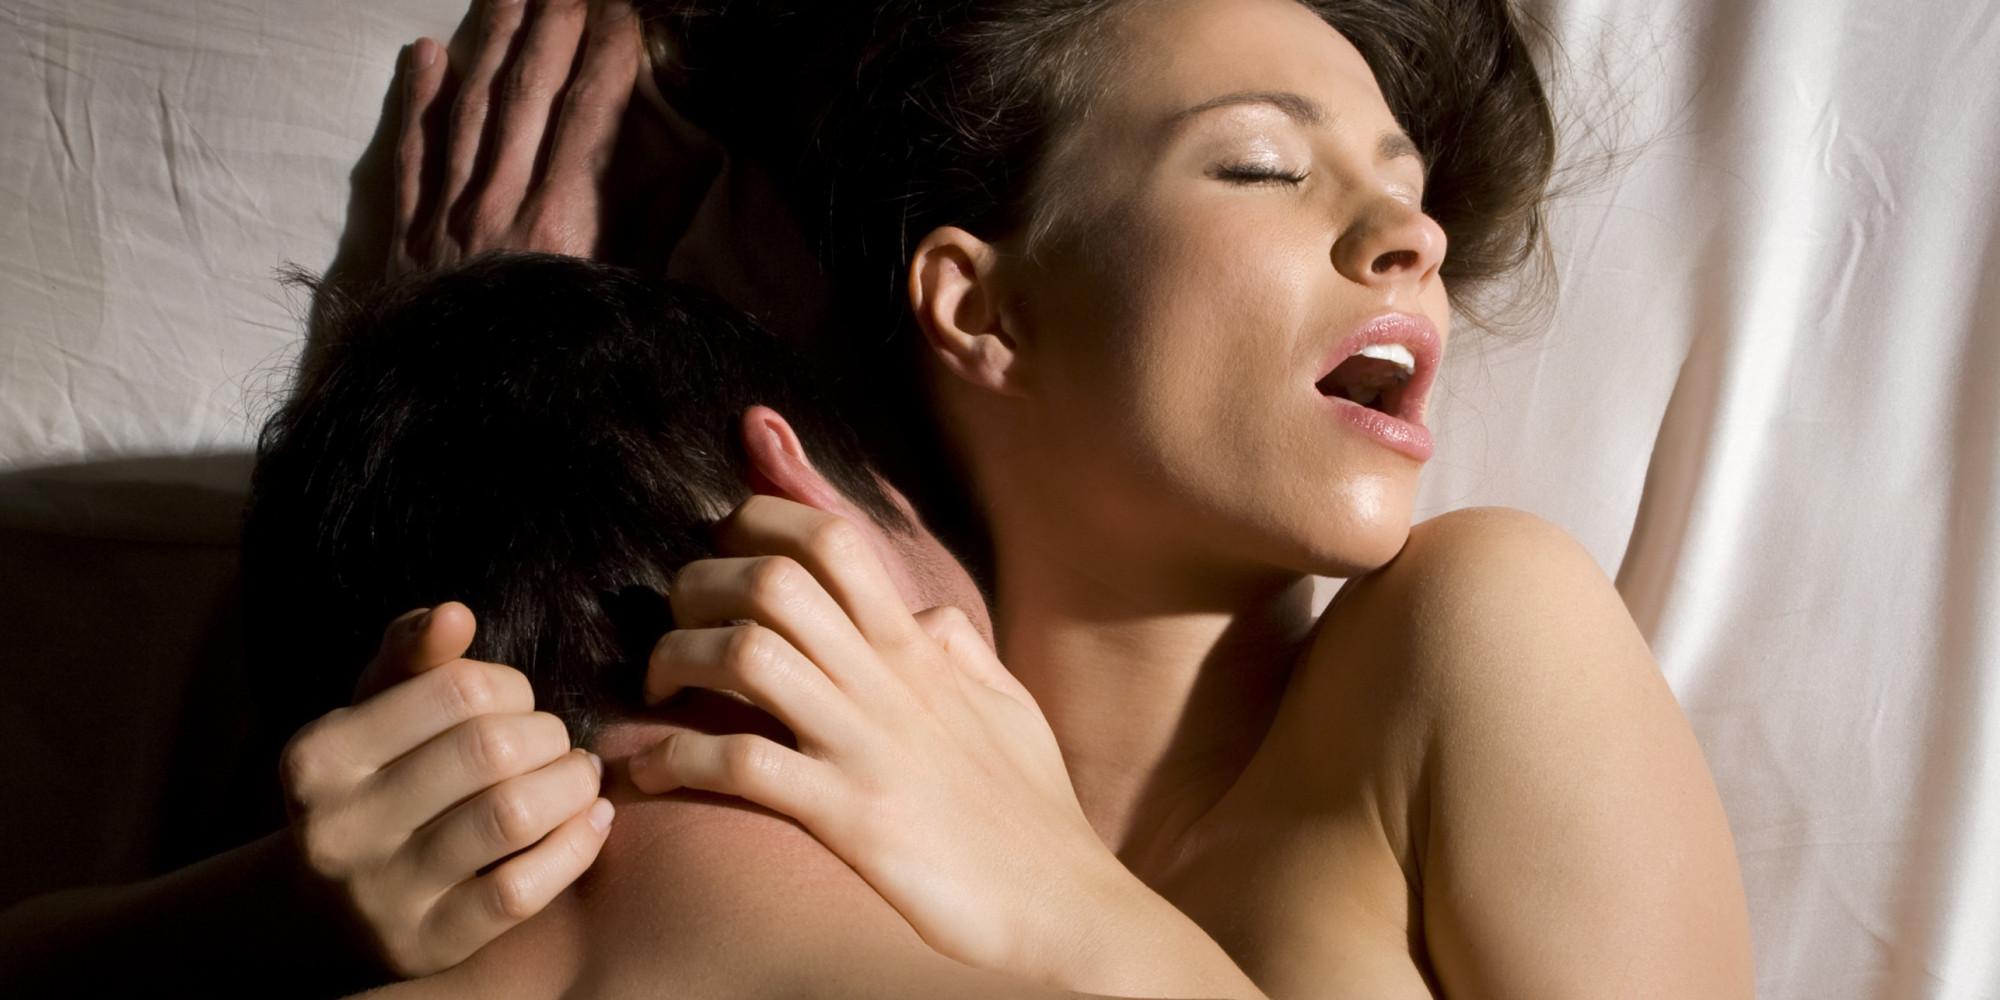 Видео струйный оргазм у женщин